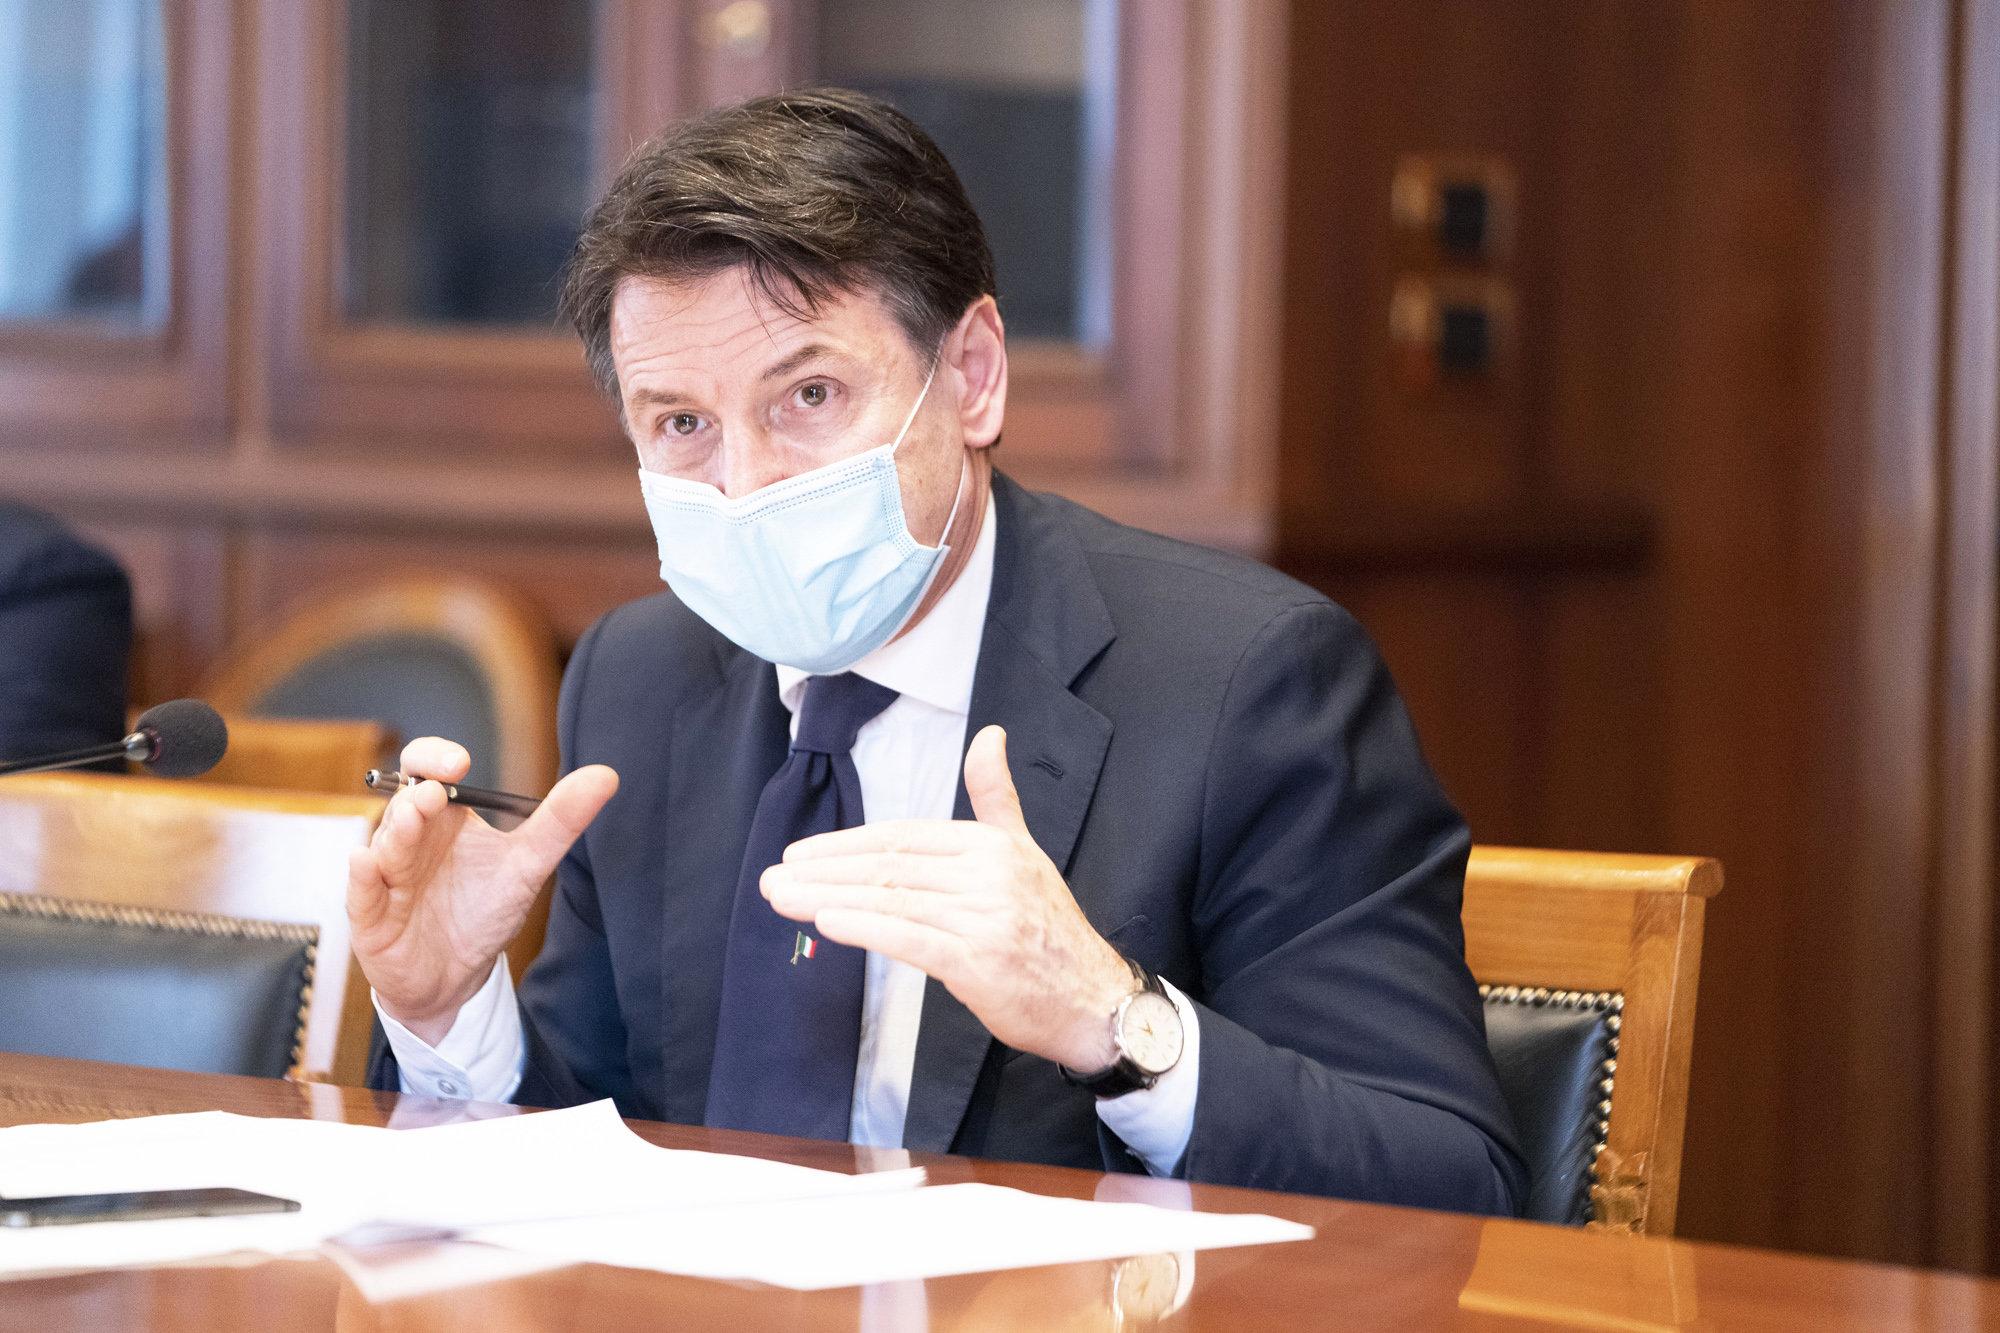 Coronavirus, Conte chiede scusa agli italiani: